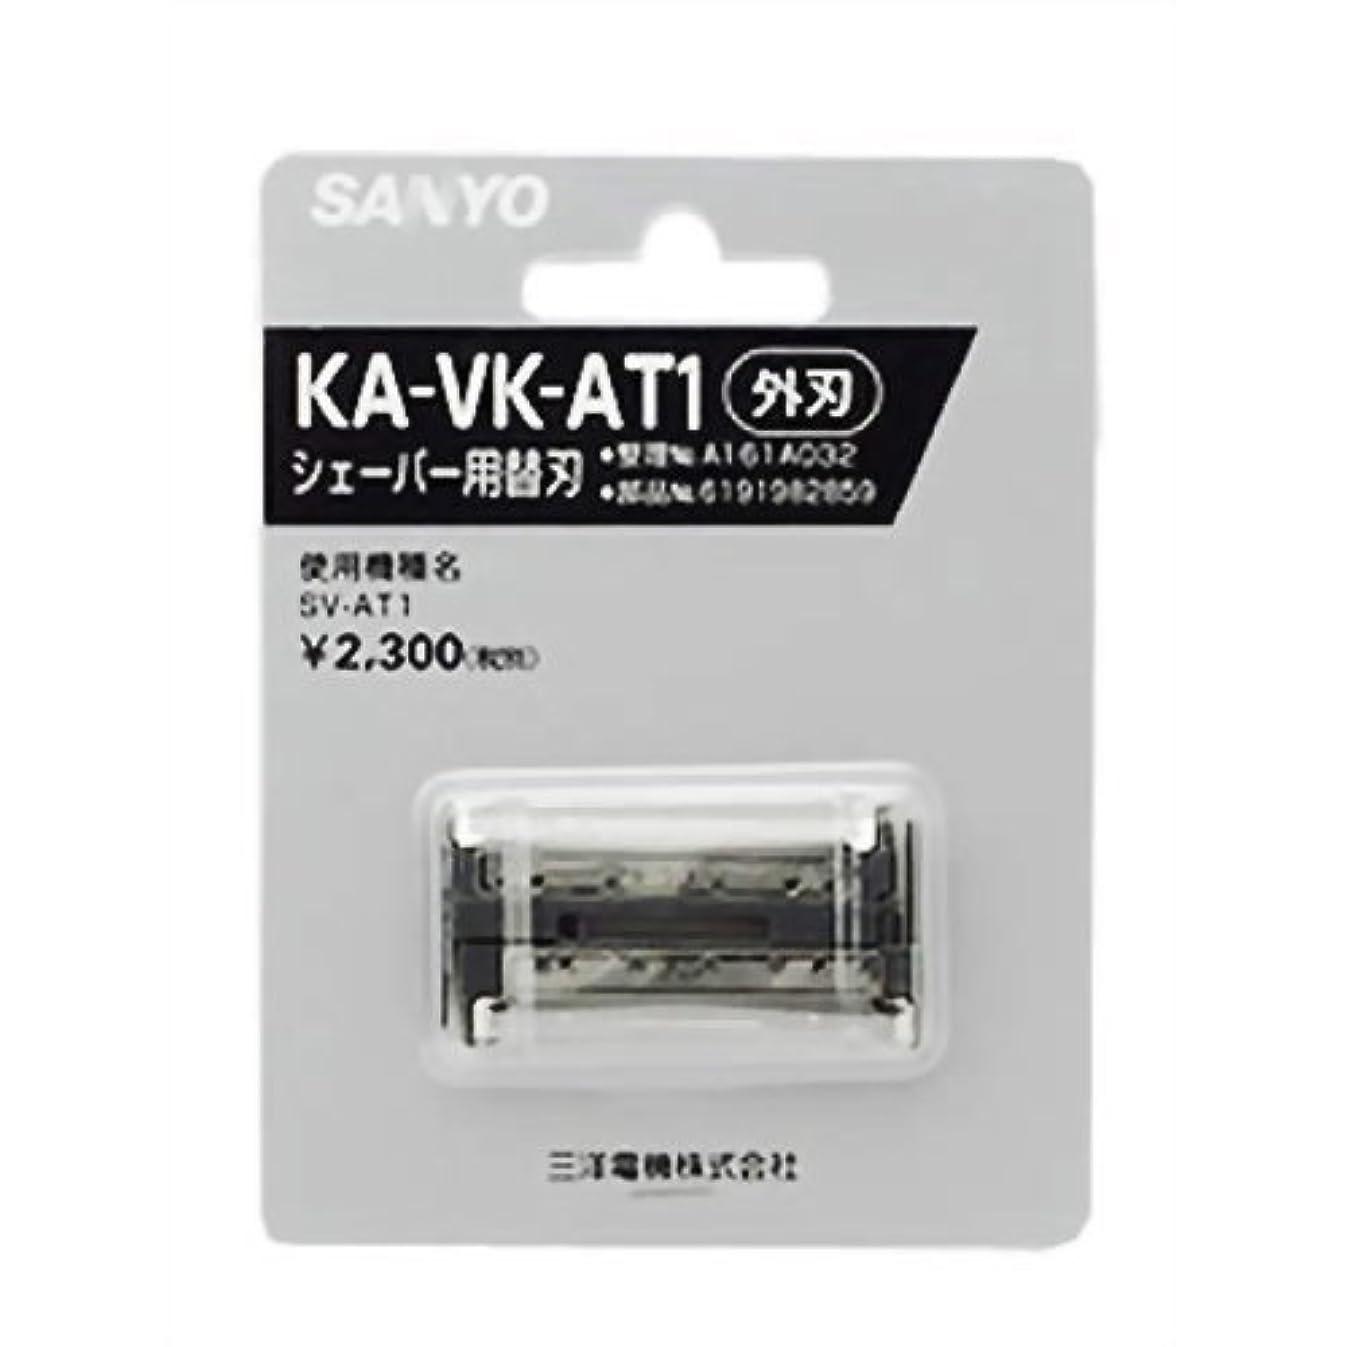 汚物強化ウィスキーSANYO メンズシェーバー替刃(外刃) KA-VK-AT1